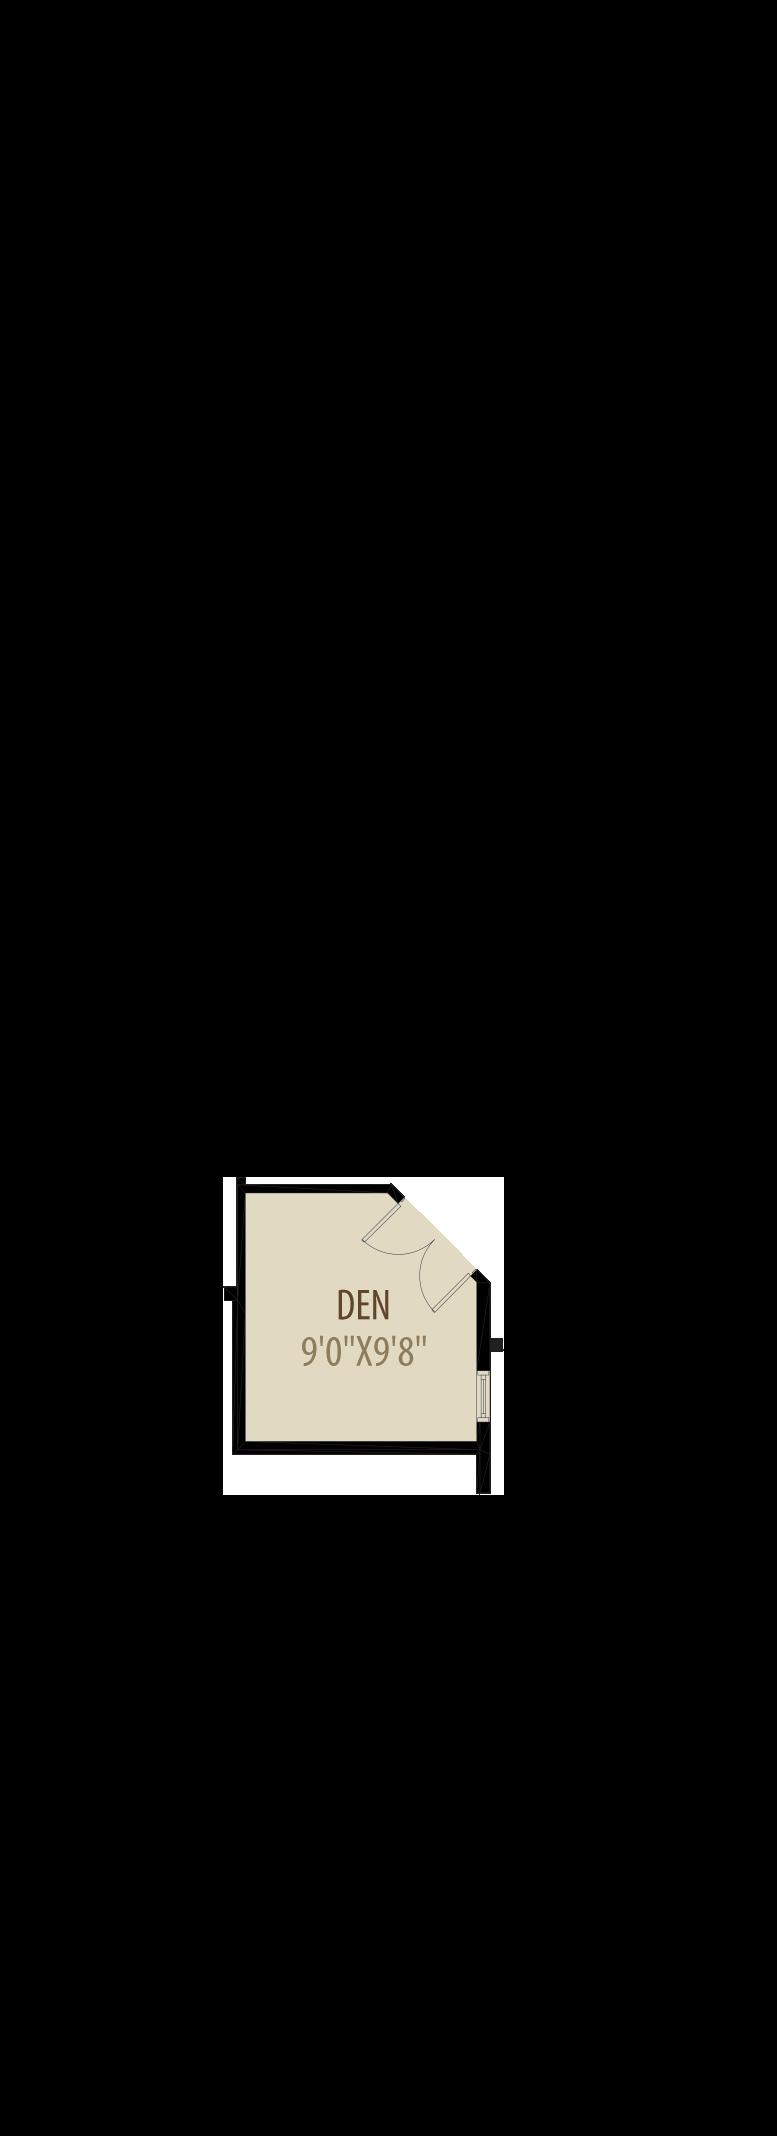 Option 1 Enclosed Den